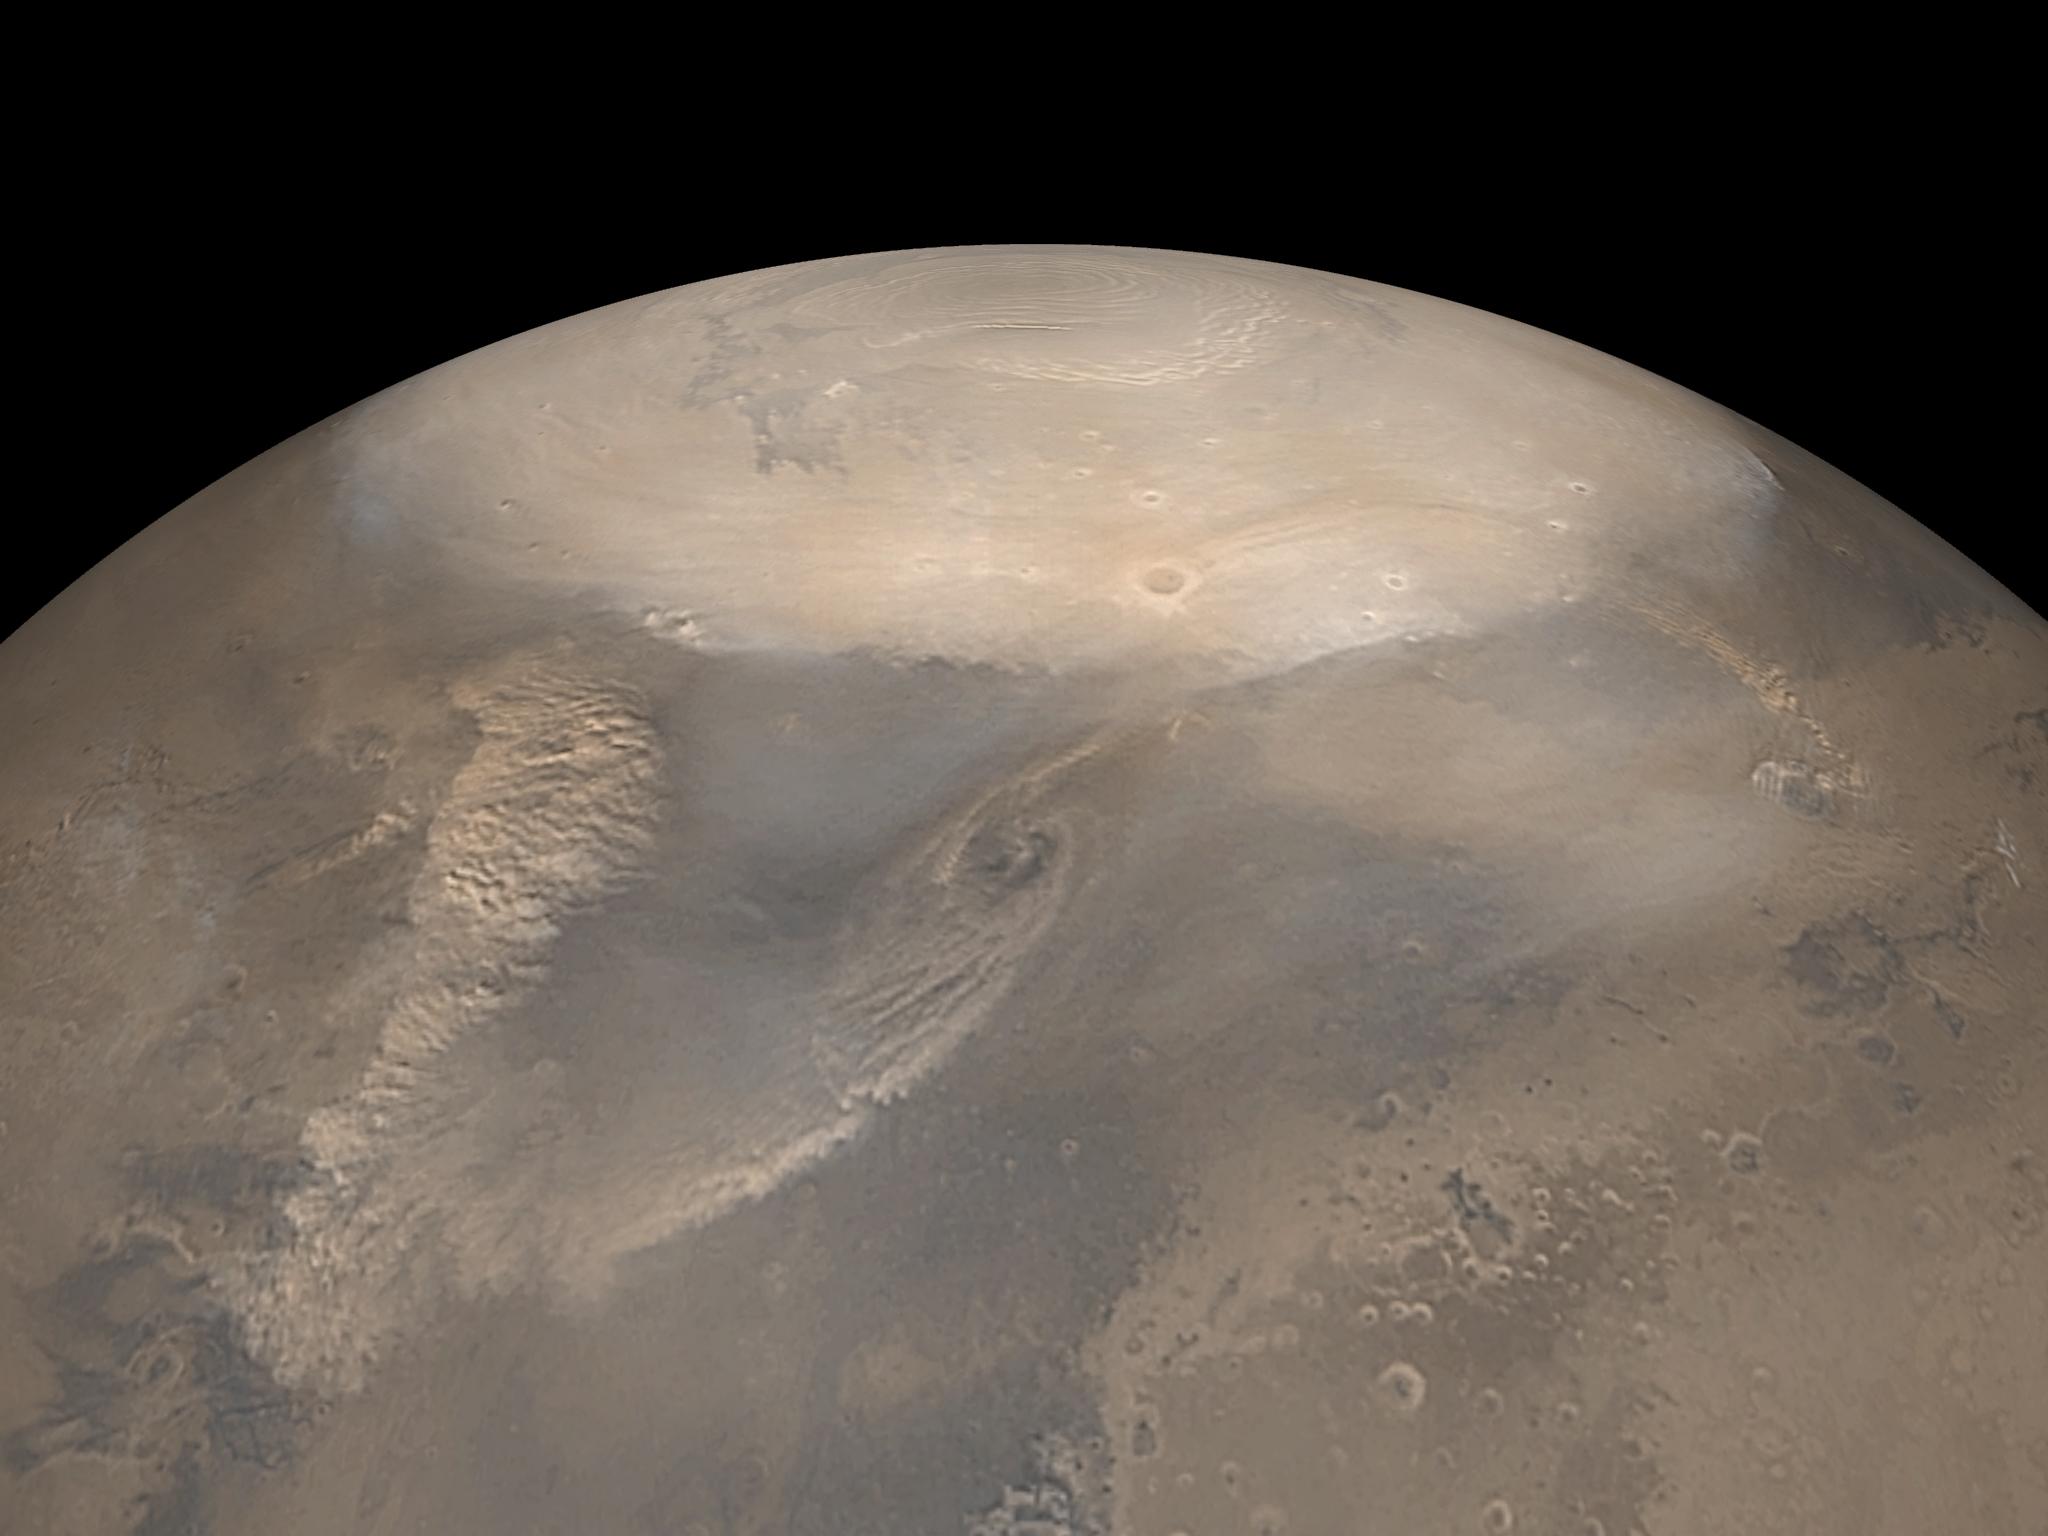 Марс. Северная полярная шапка